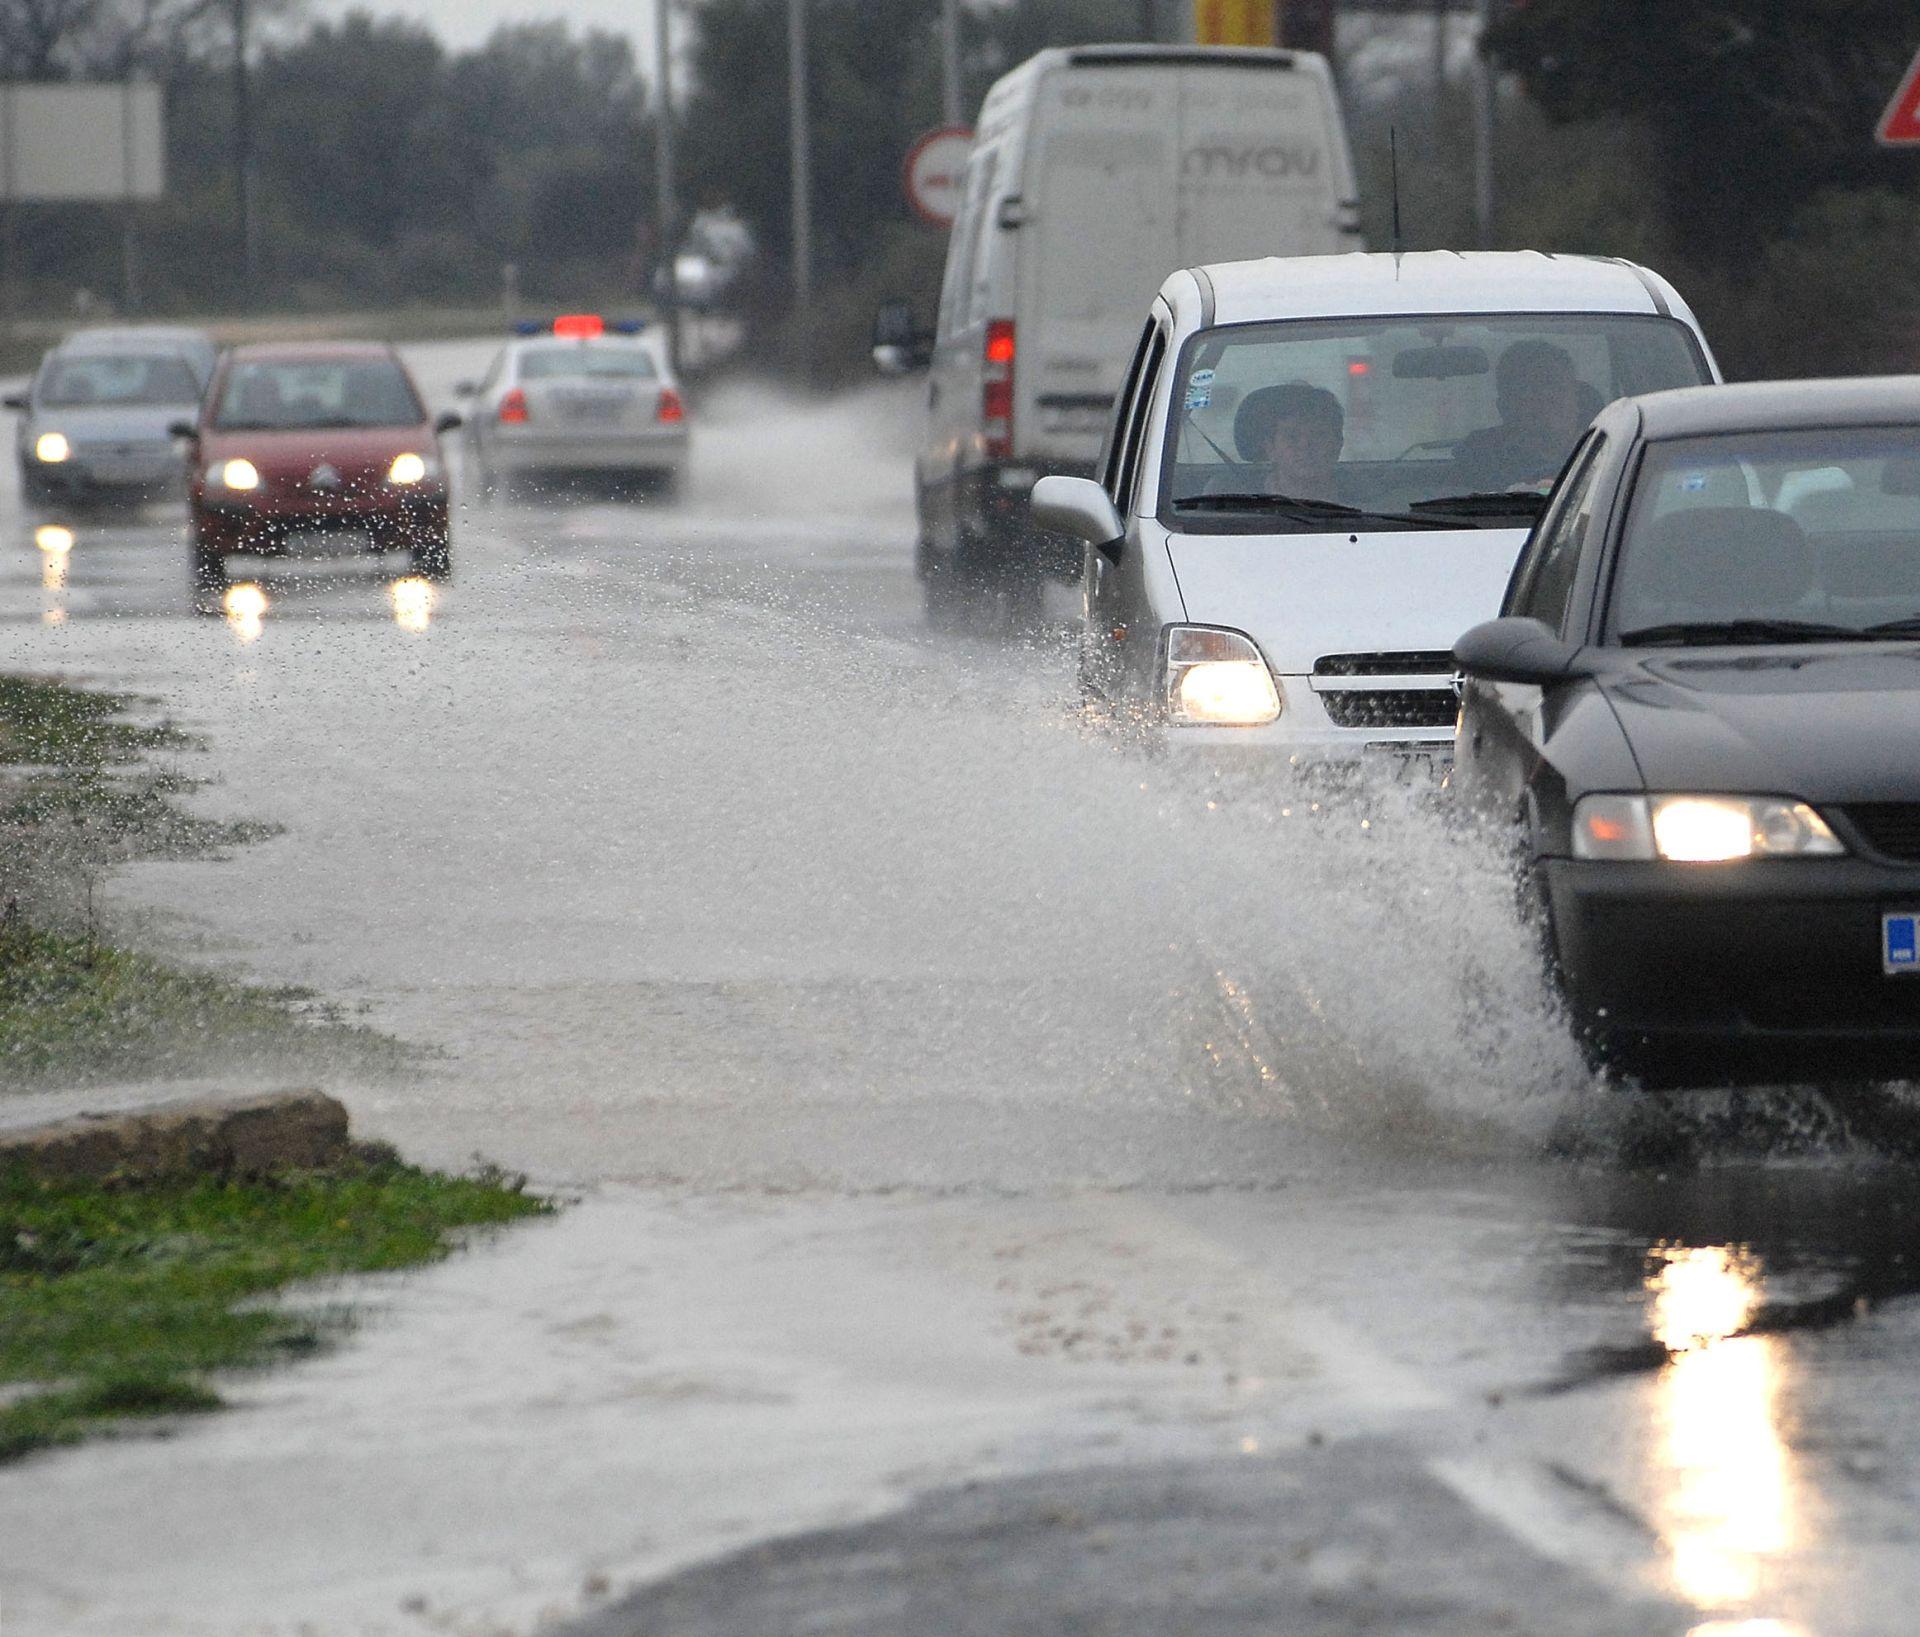 NEVRIJEME U MAKARSKOJ: Velika količina kiše izazvala zastoje u prometu